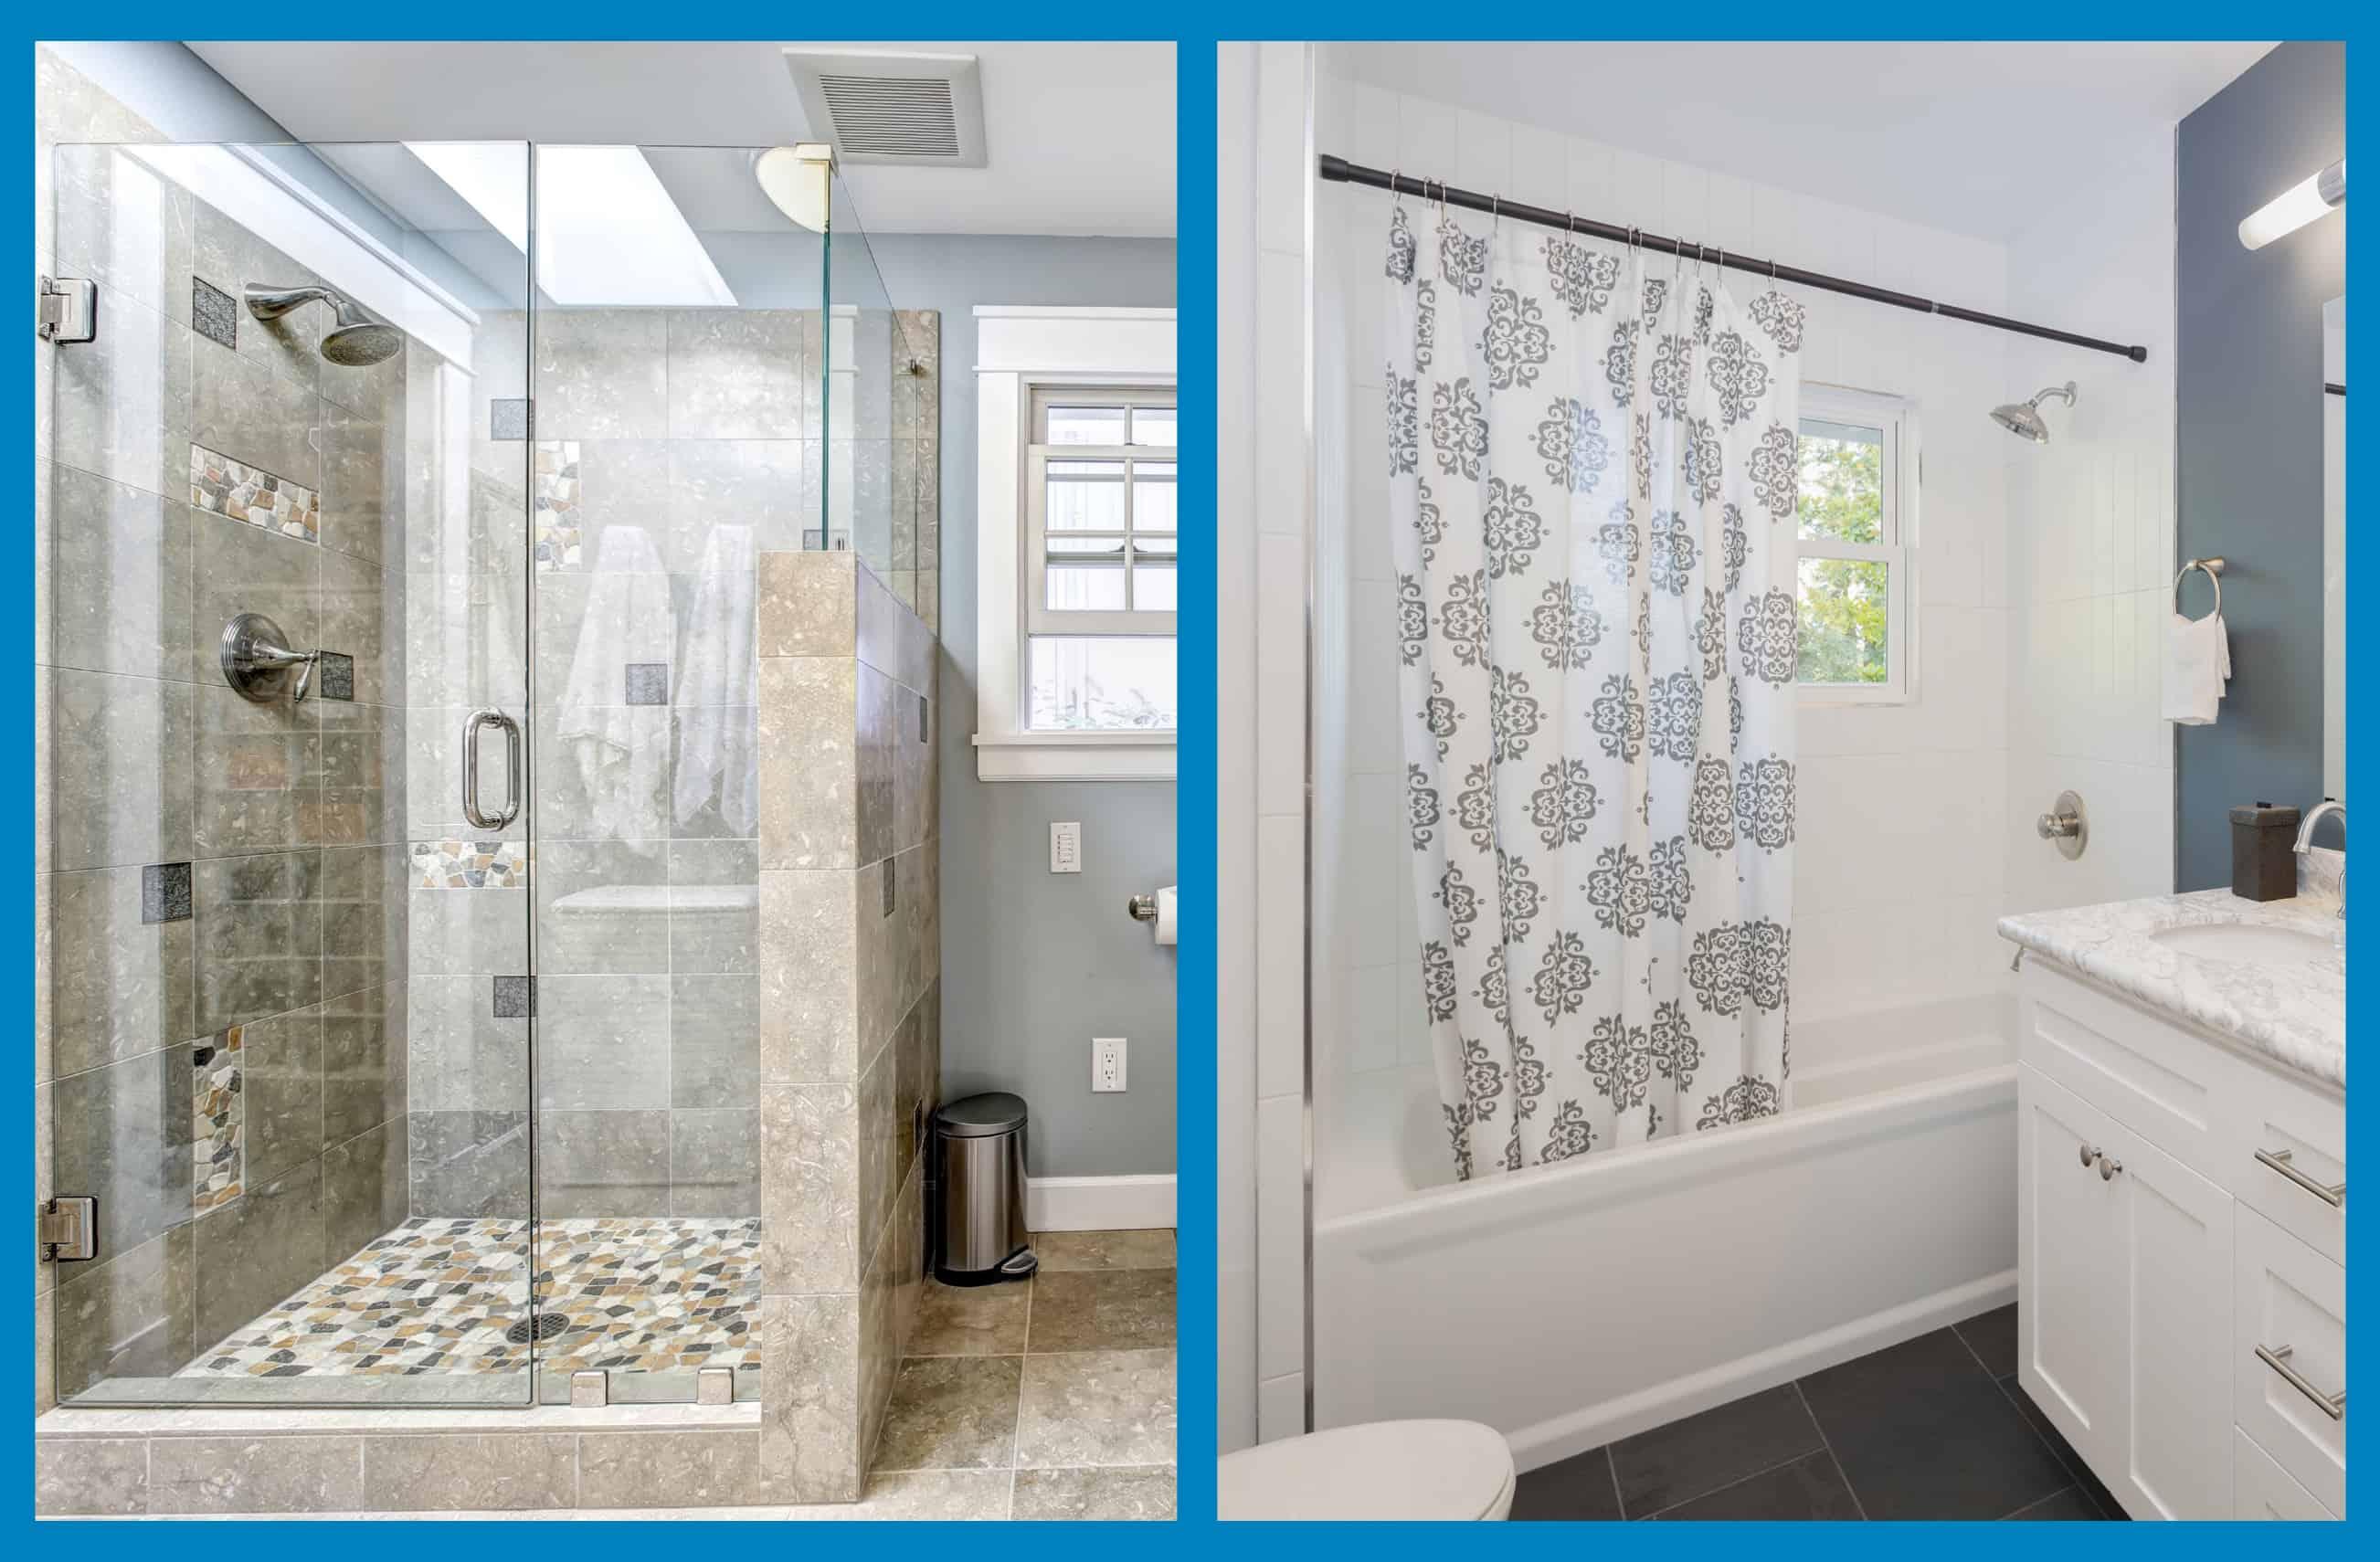 Benefits Of A Shower Door Vs Curtain